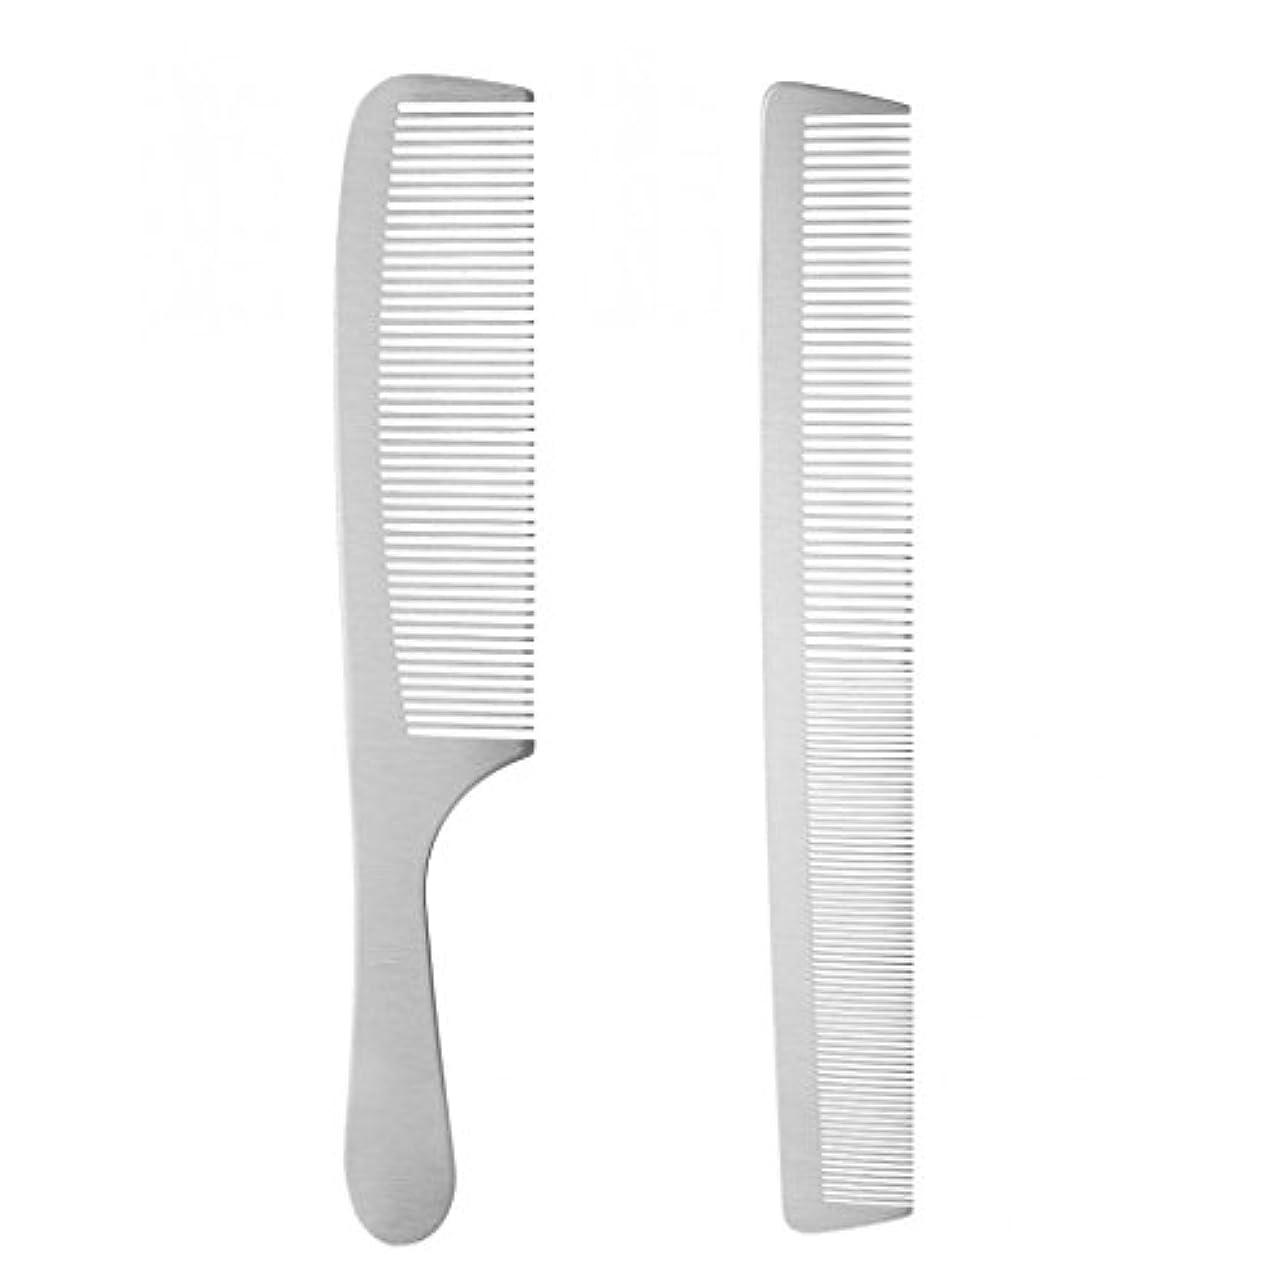 露出度の高い法的北米2倍のステンレス鋼サロンの理髪師ヘアスタイリングヘアカットカッティングヘアブラシ